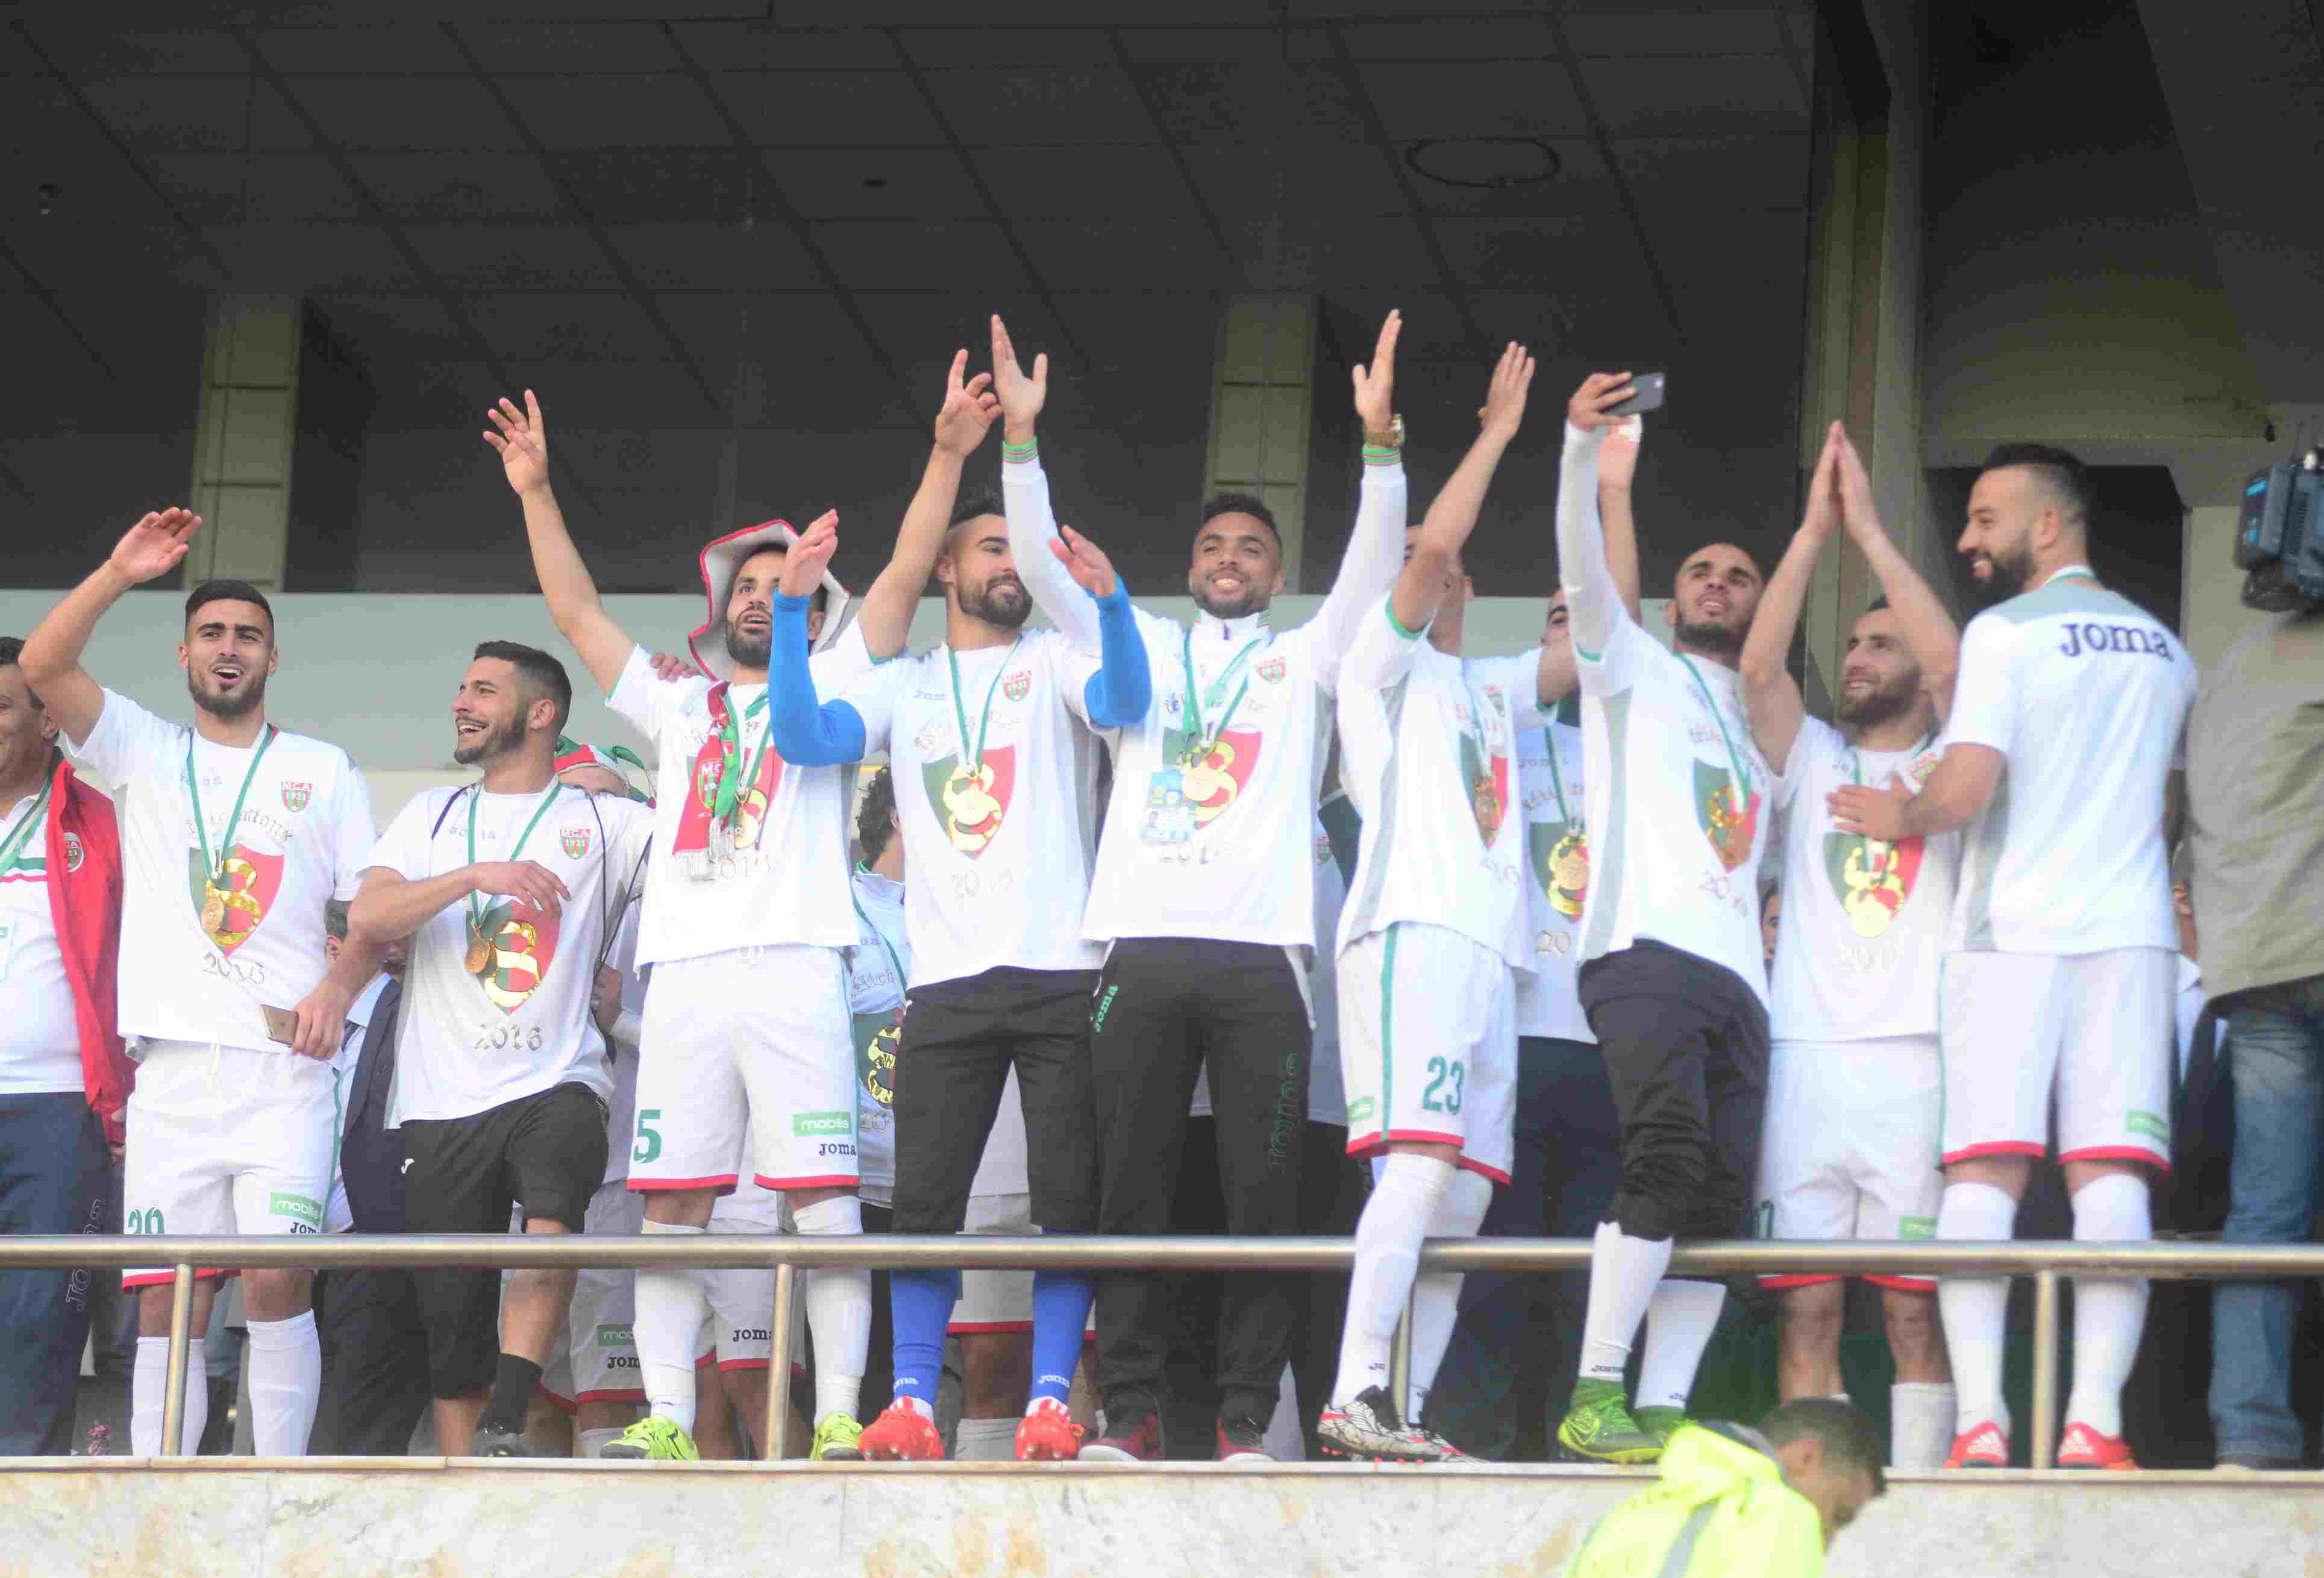 joie MCA remise trophée coupe d'algerie